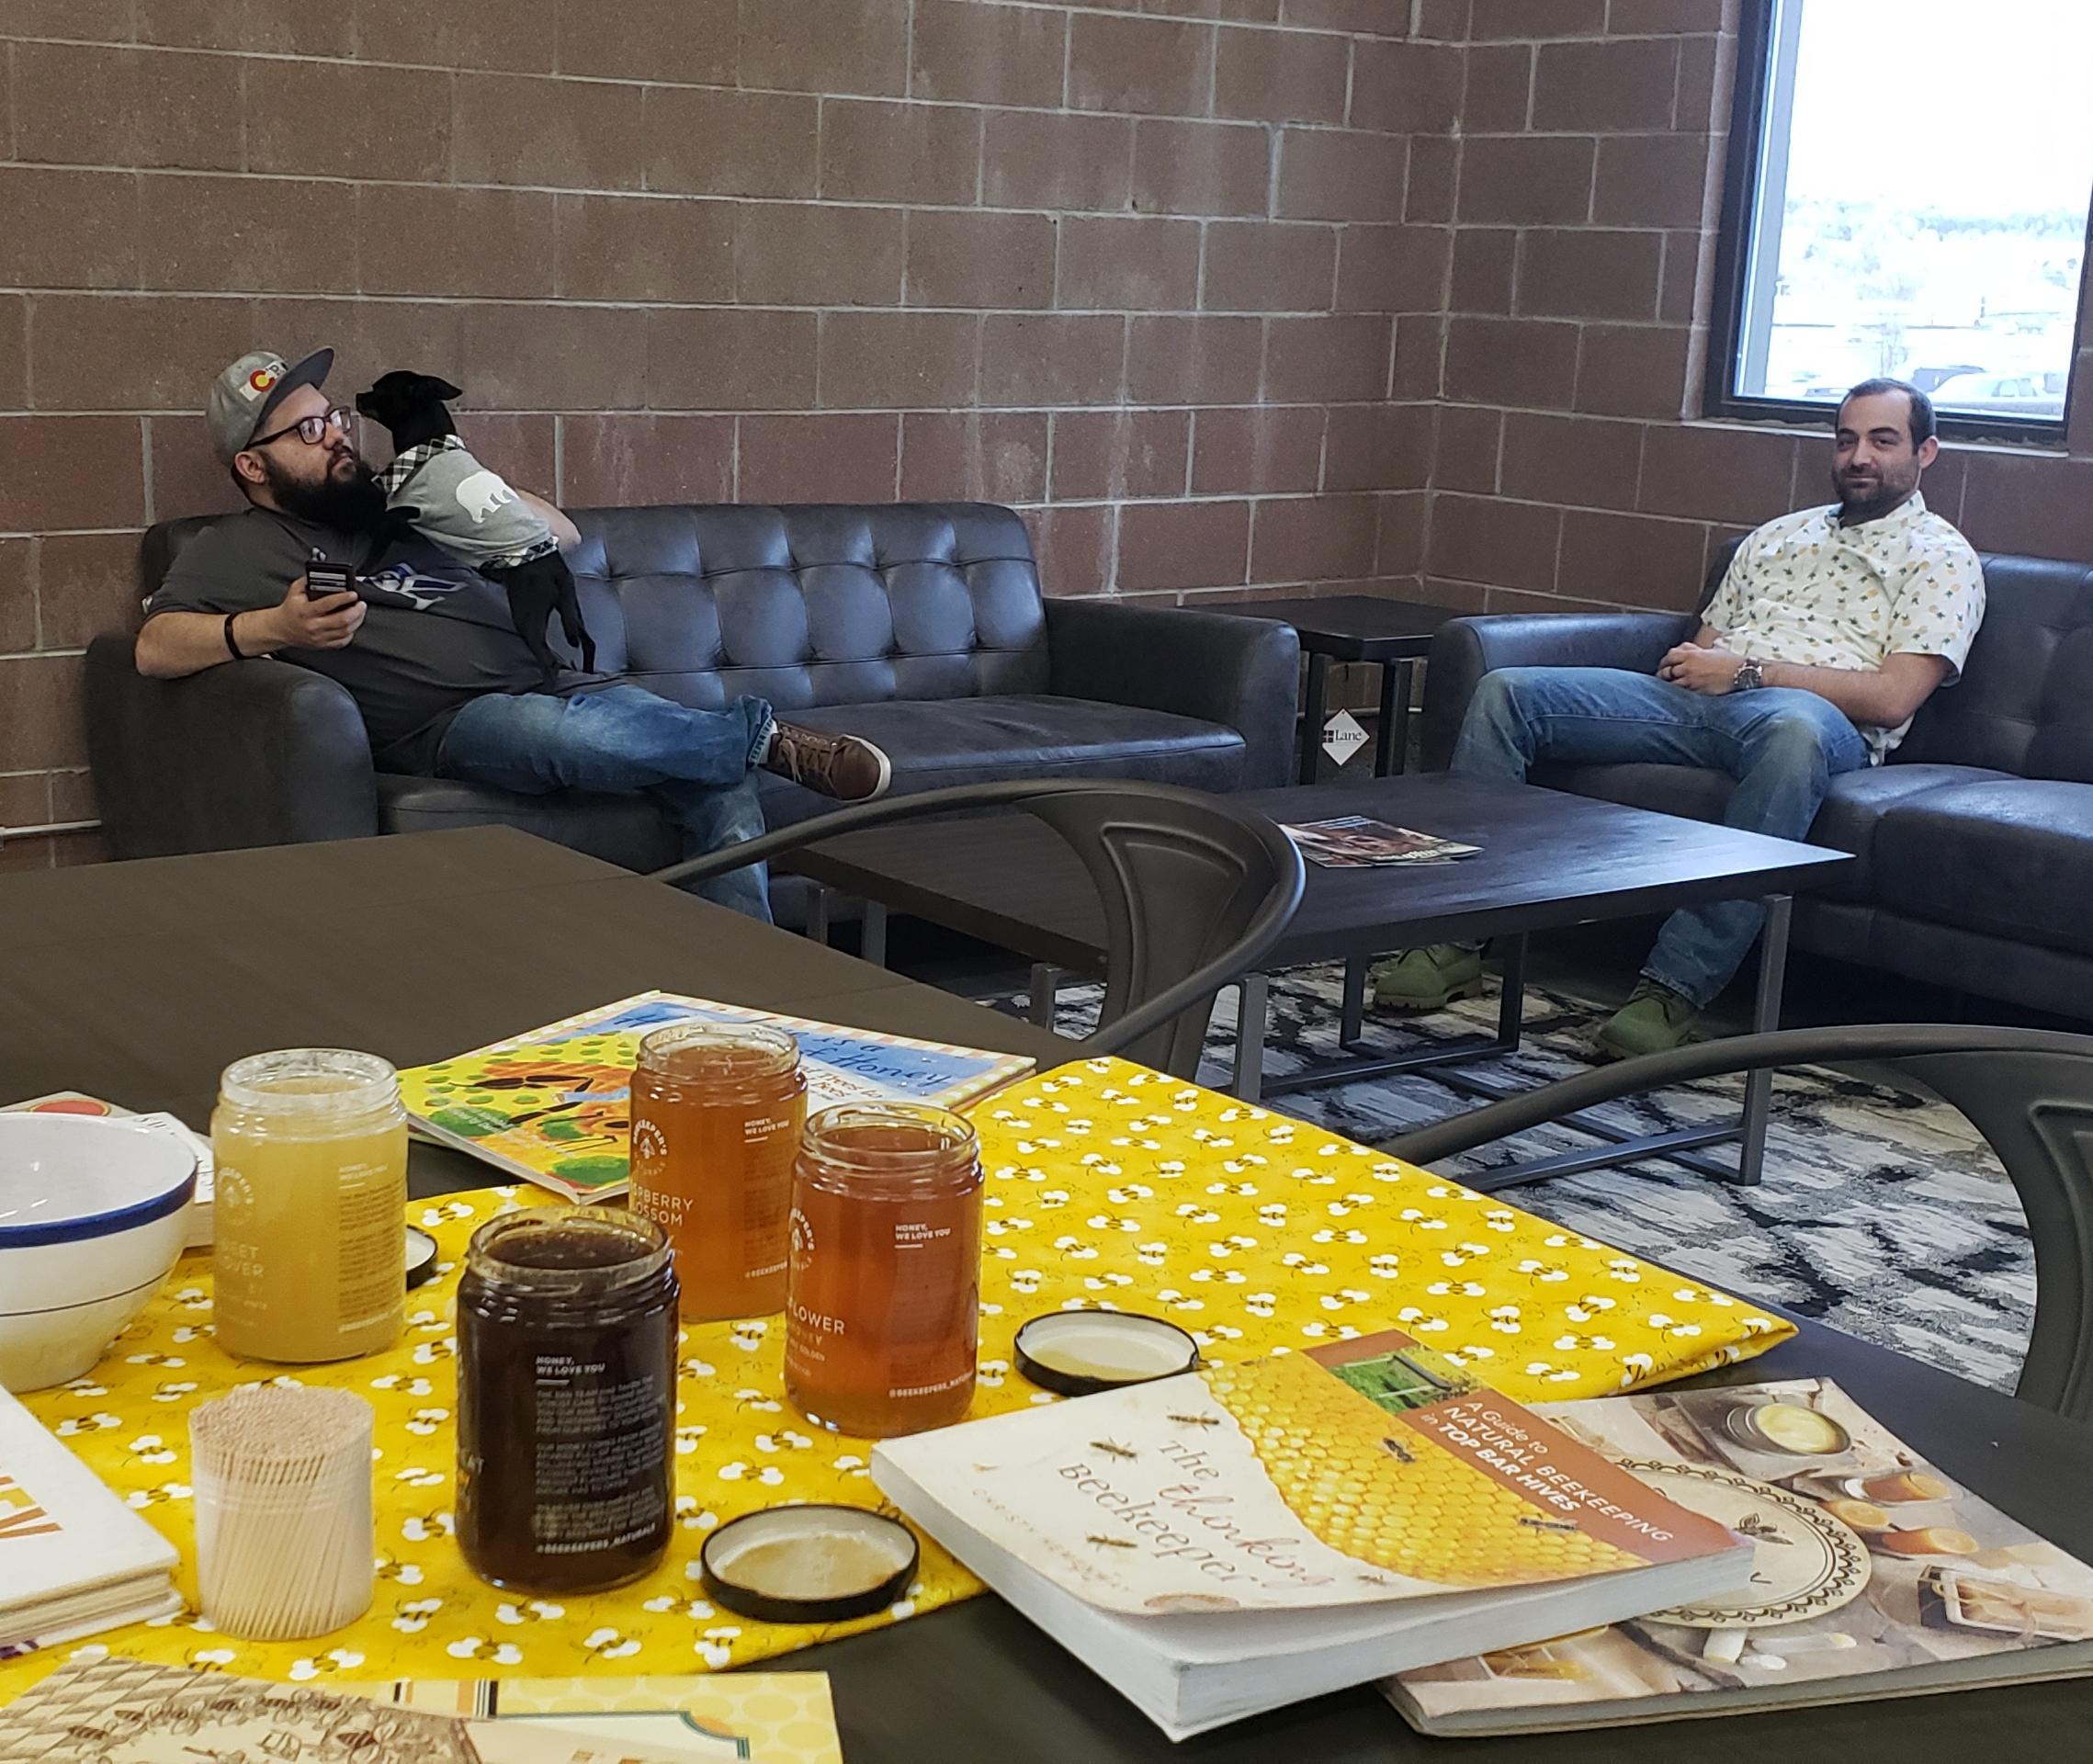 Honey happy coworkers